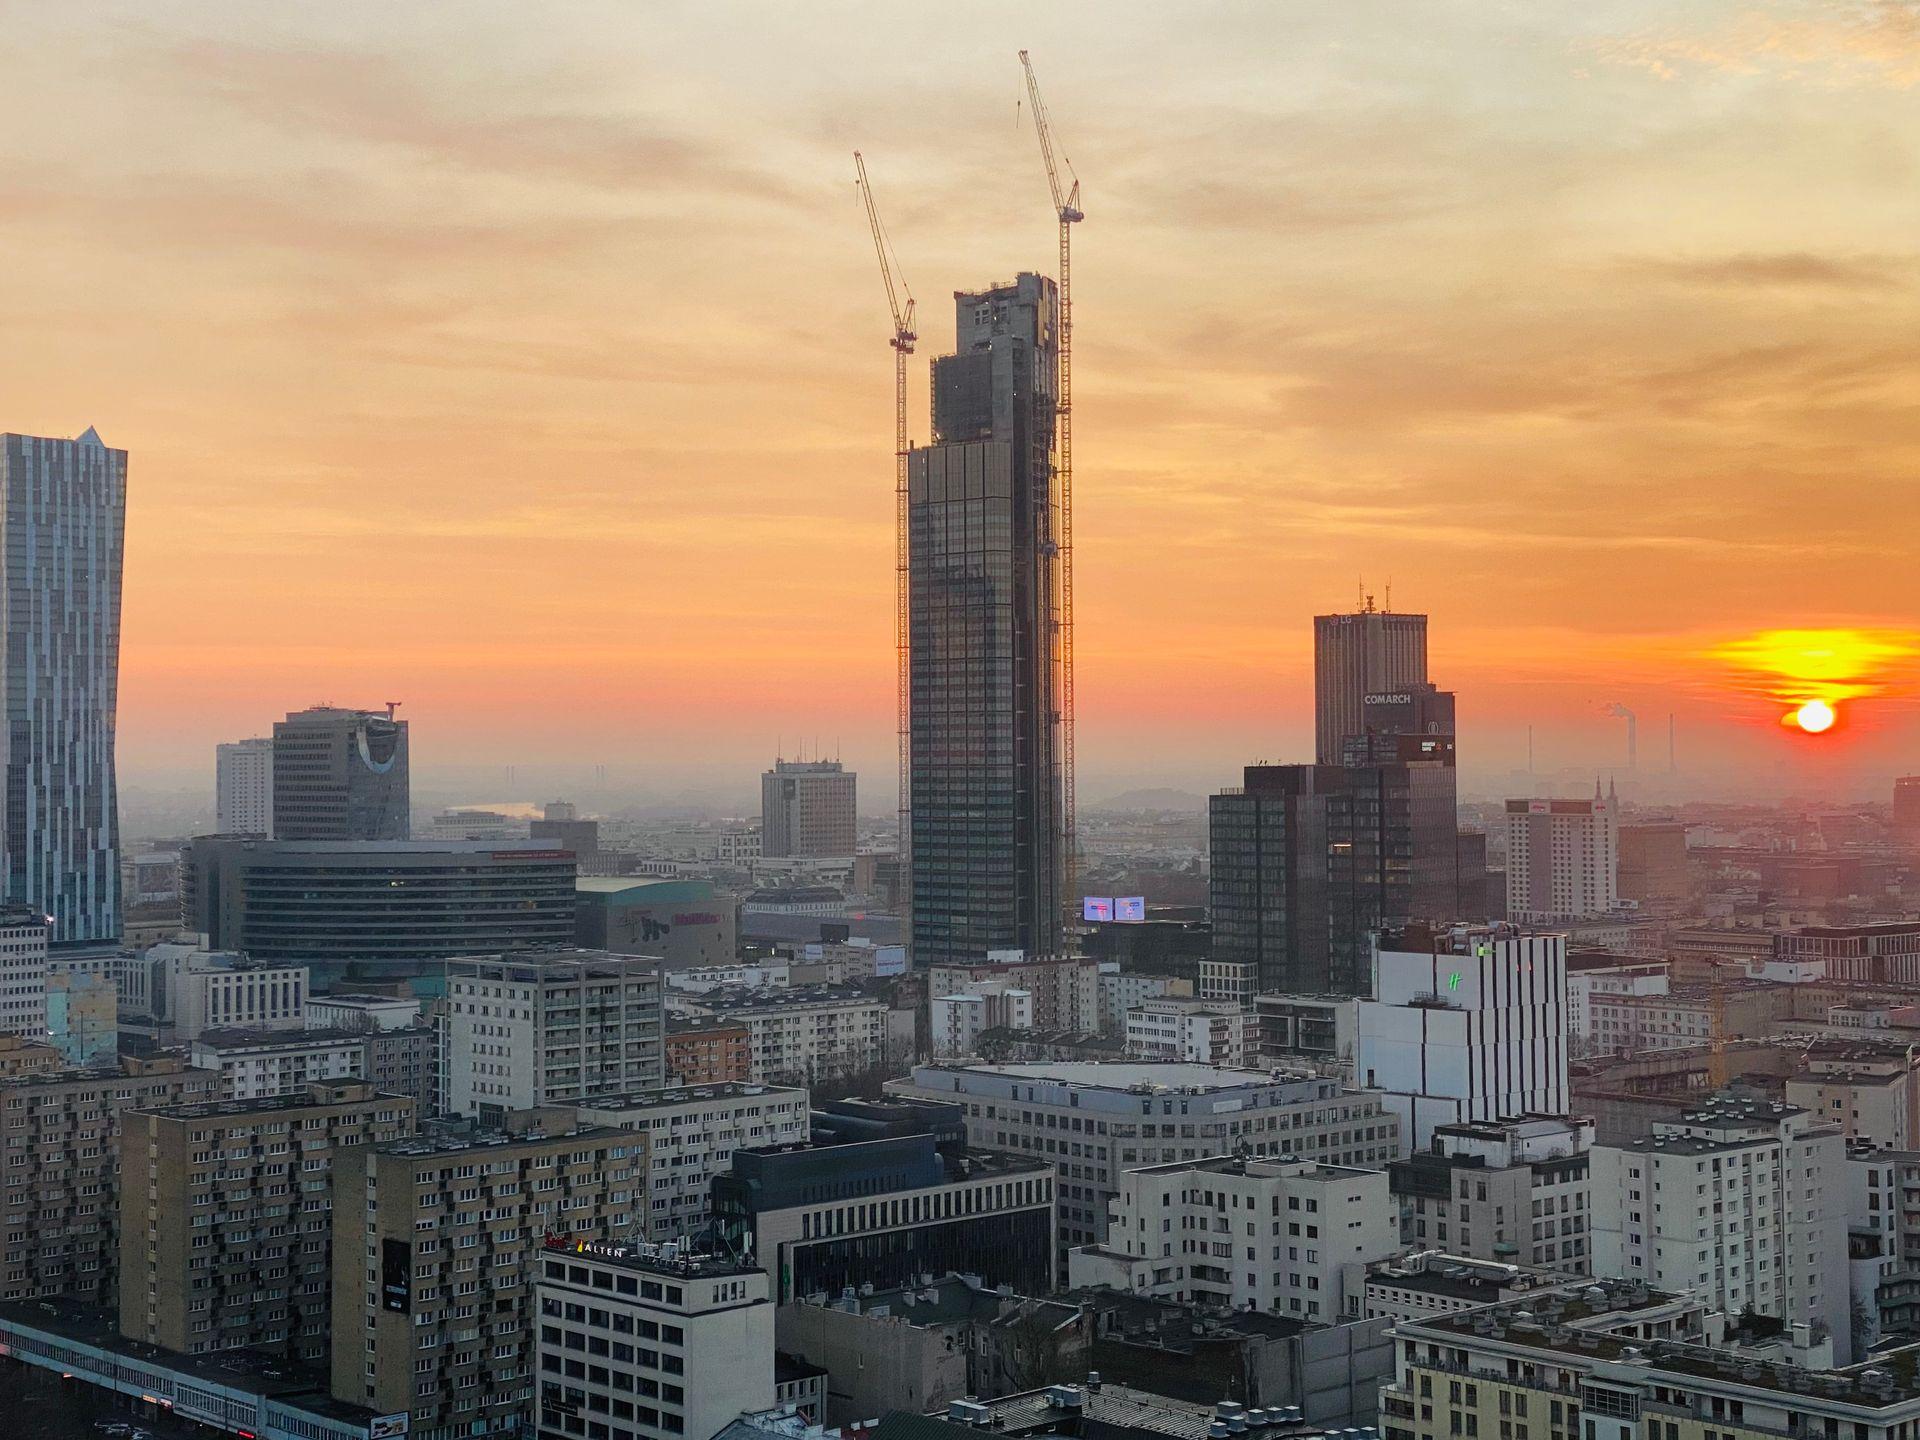 310 metrowa wieża Varso Tower w Warszawie pnie się w górę